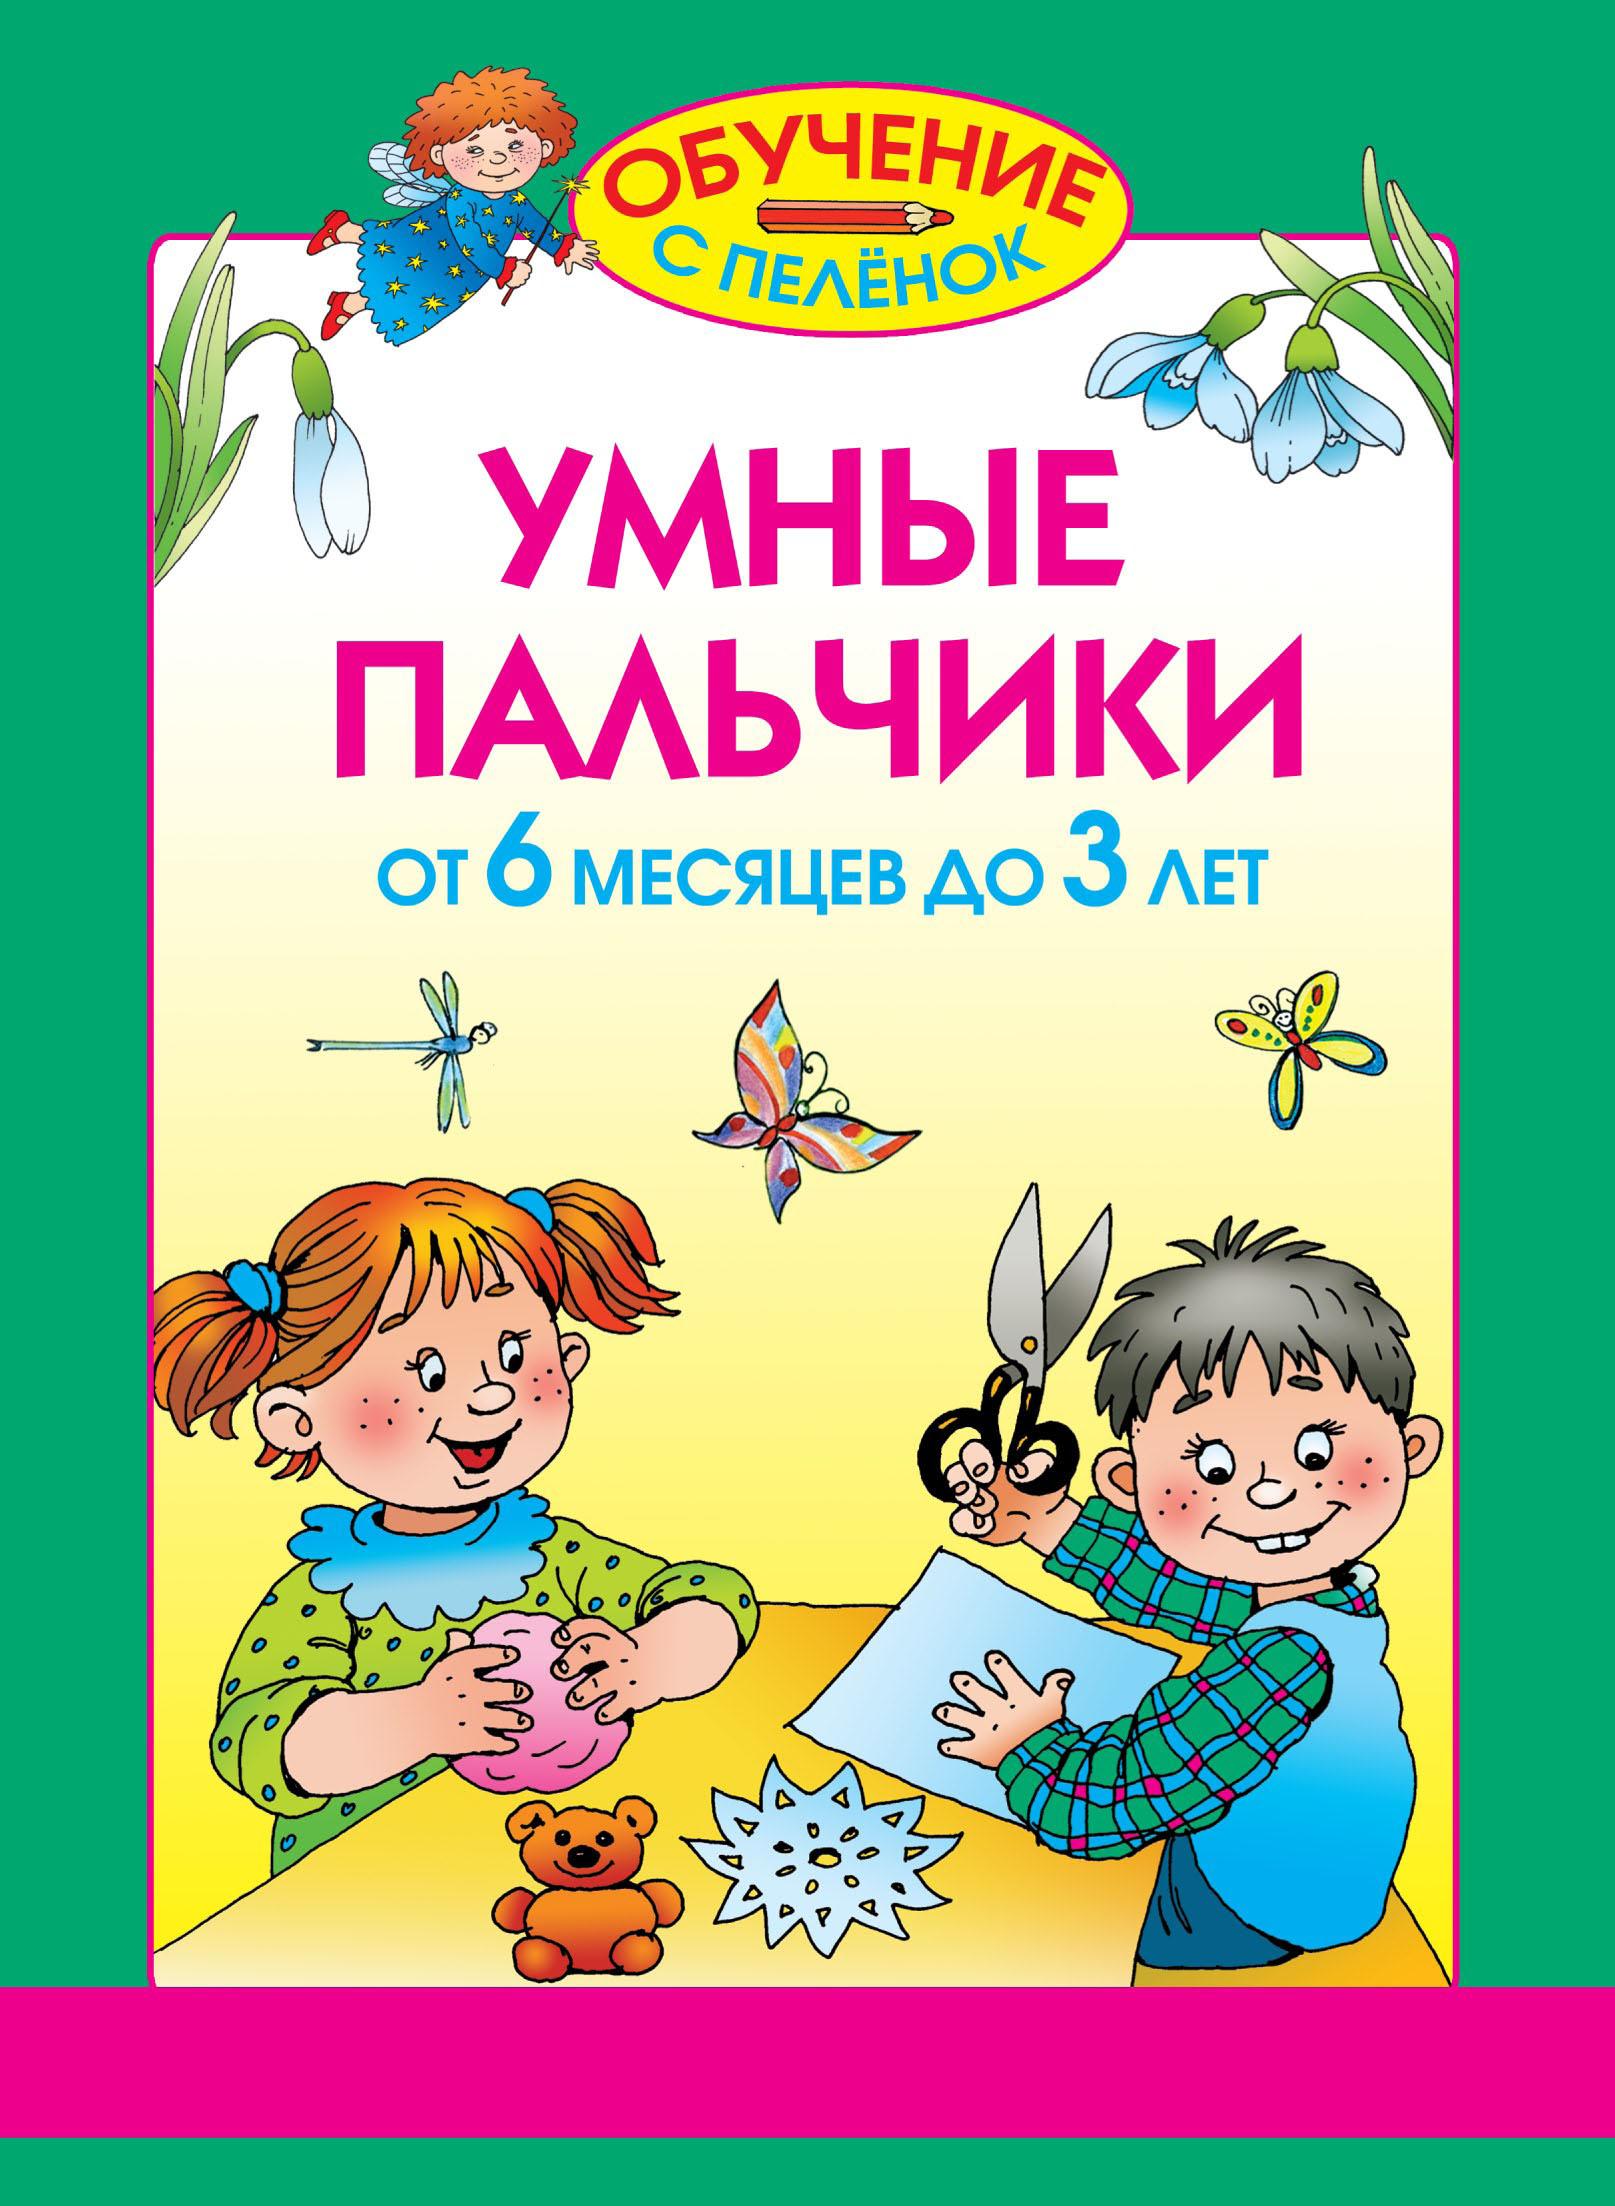 Олеся Жукова Умные пальчики. От 6 месяцев до 3 лет цена и фото